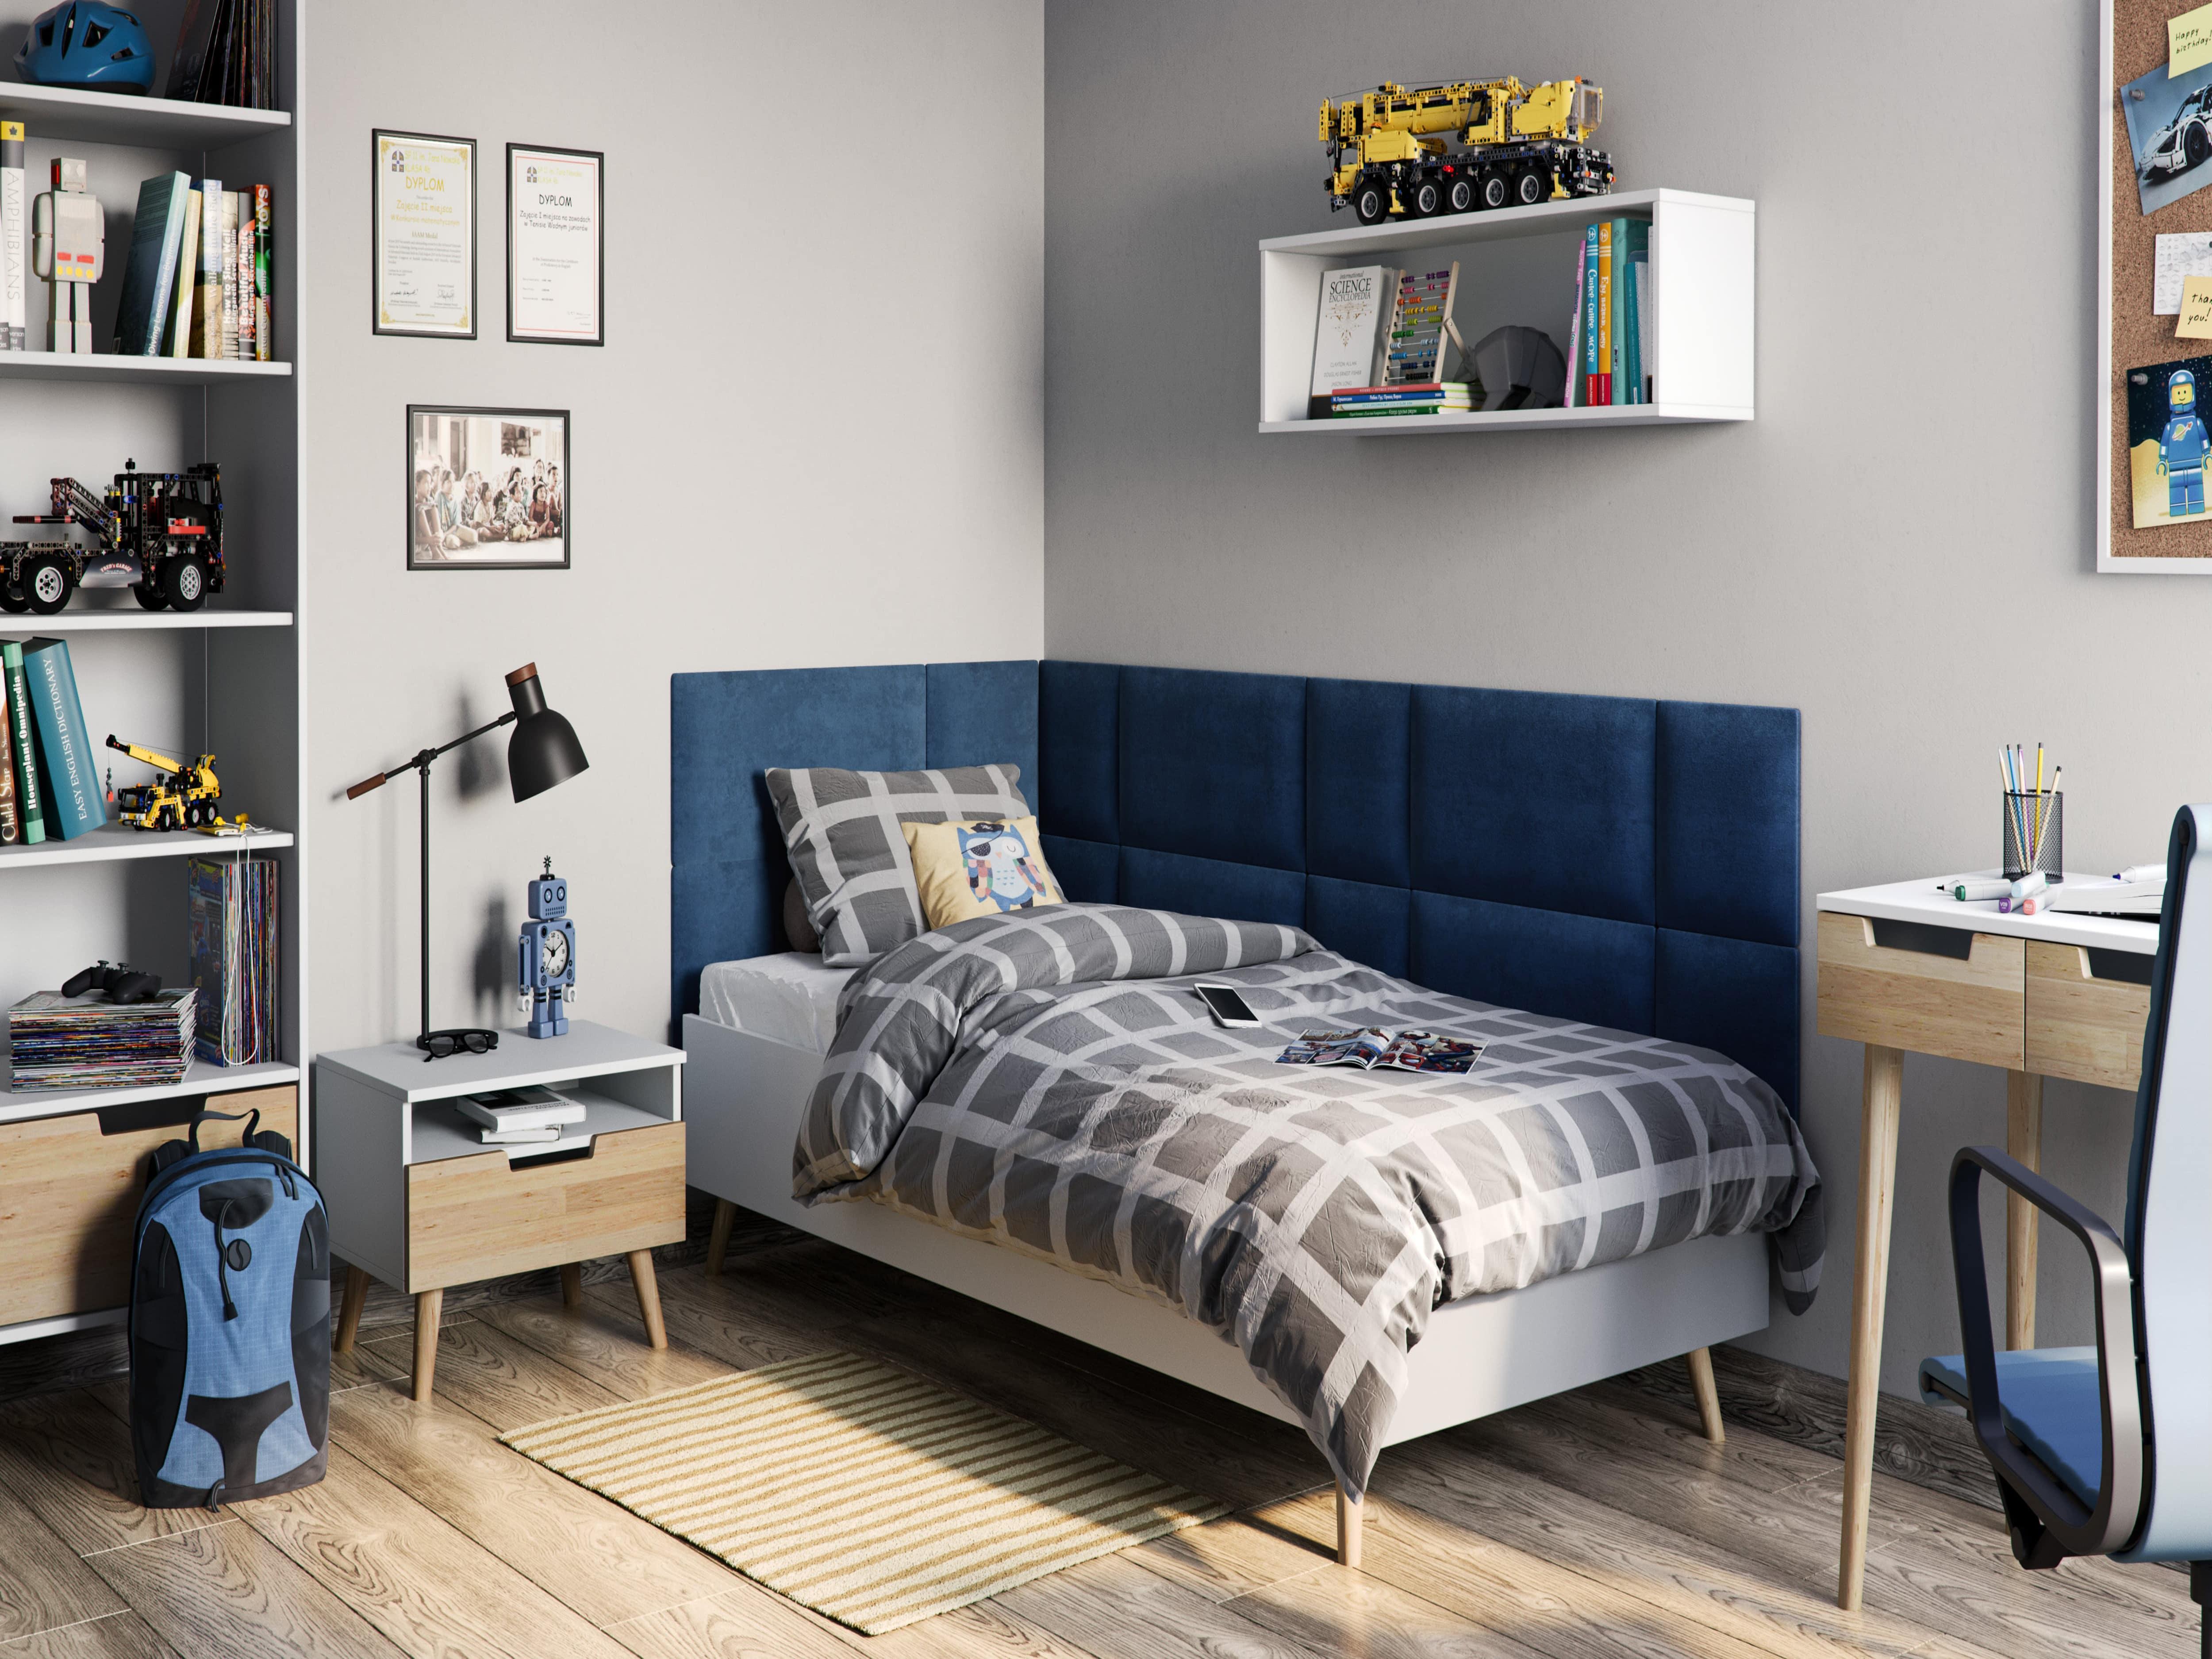 tapizado azul